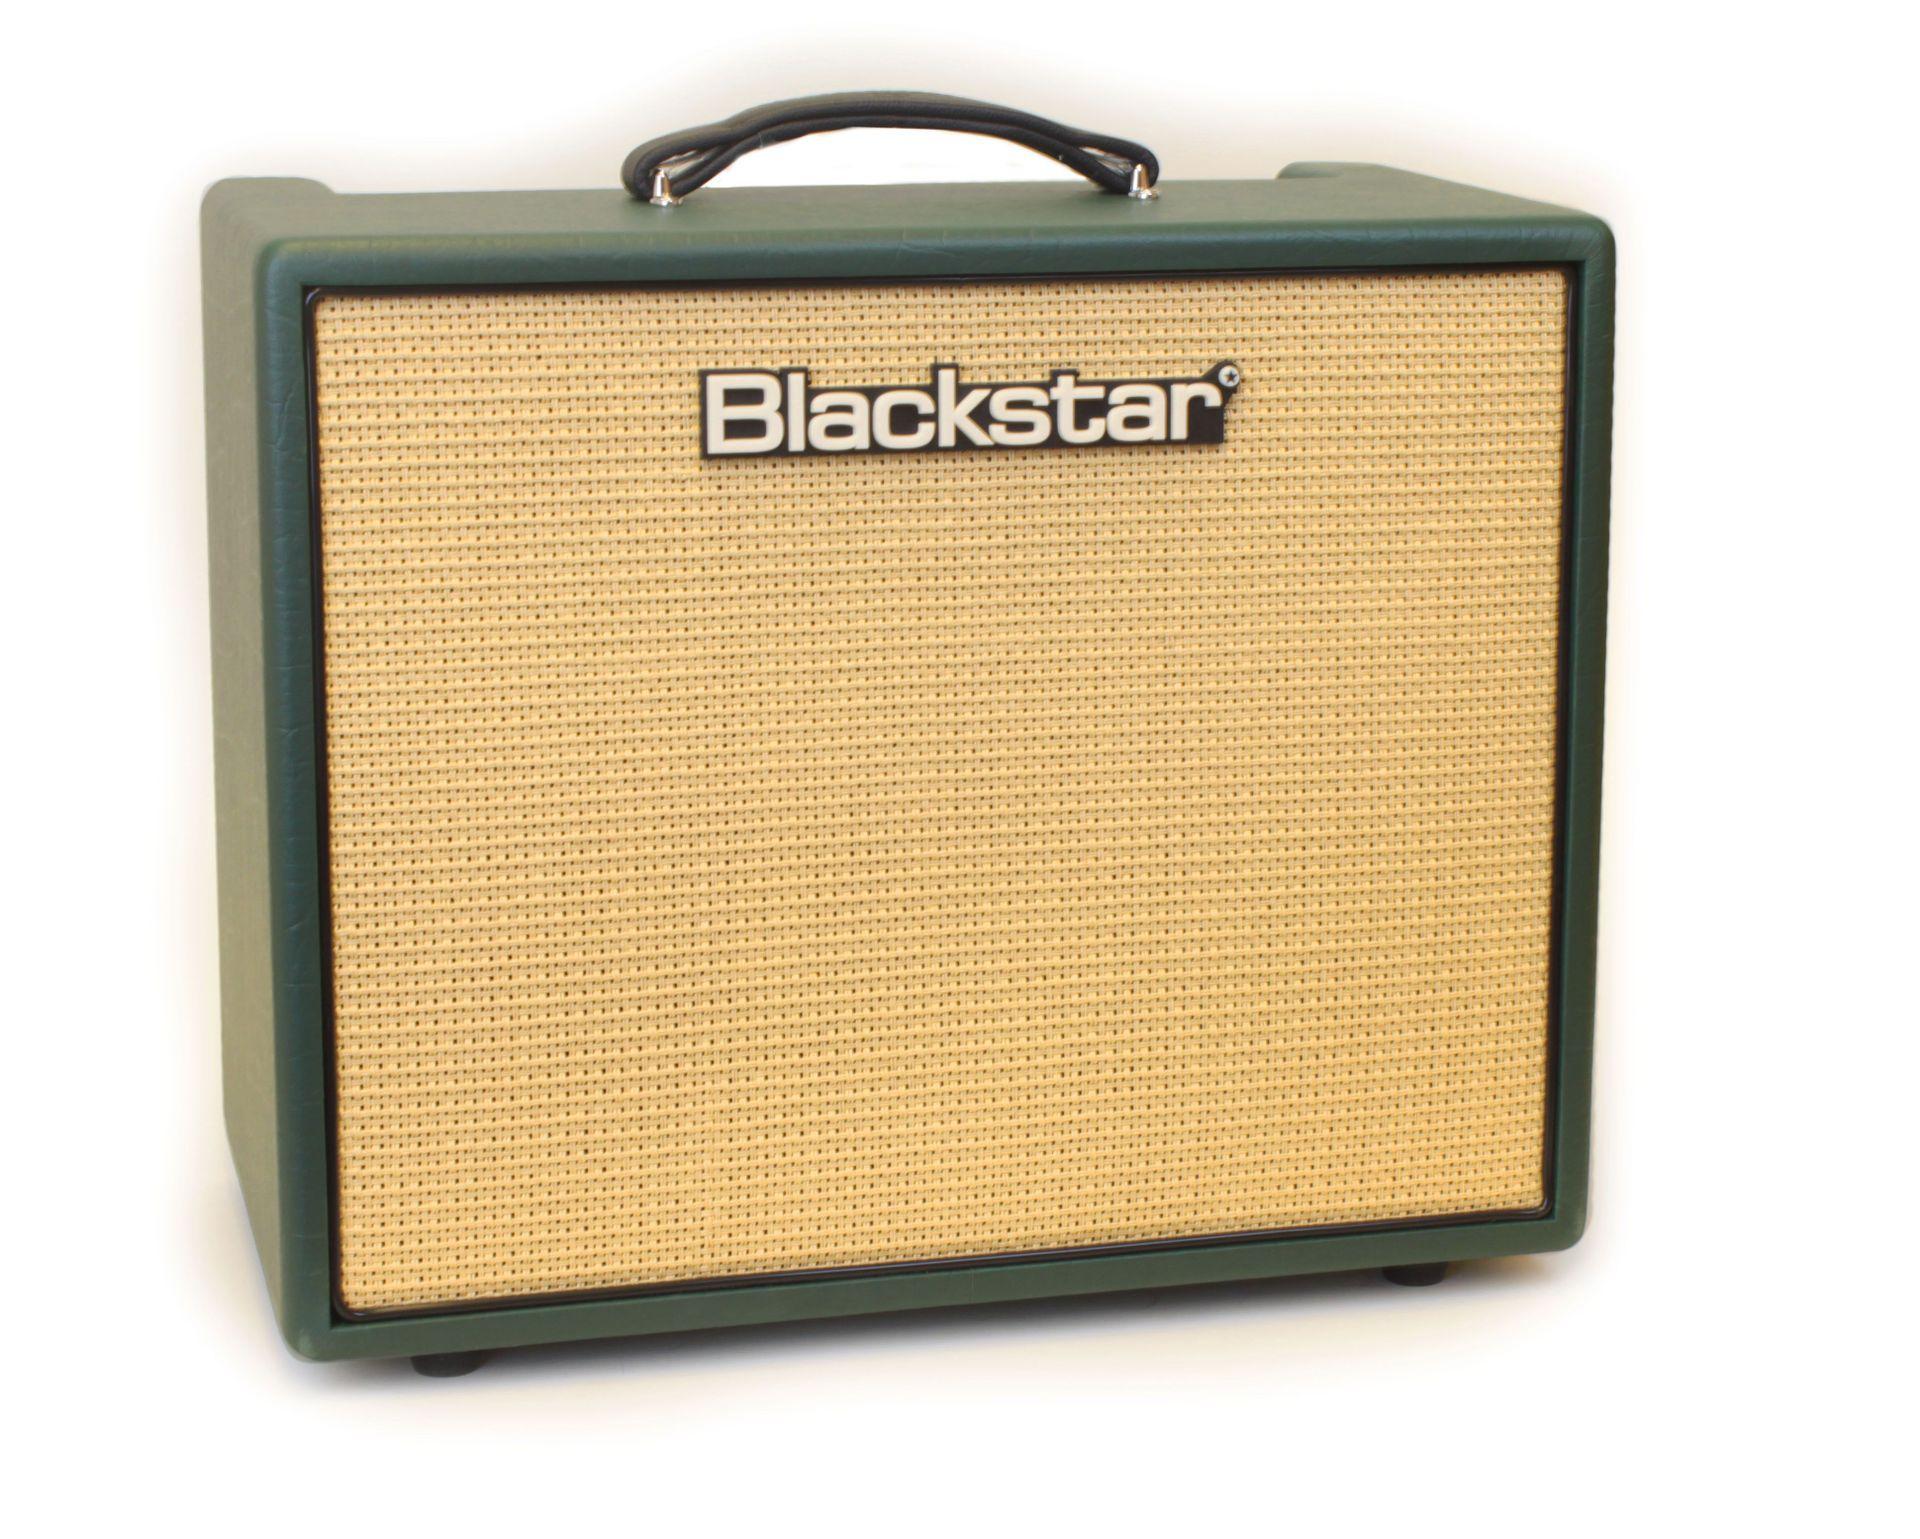 Blackstar JJN-20R MkII  Jared James Nichols Limited Edition Combo